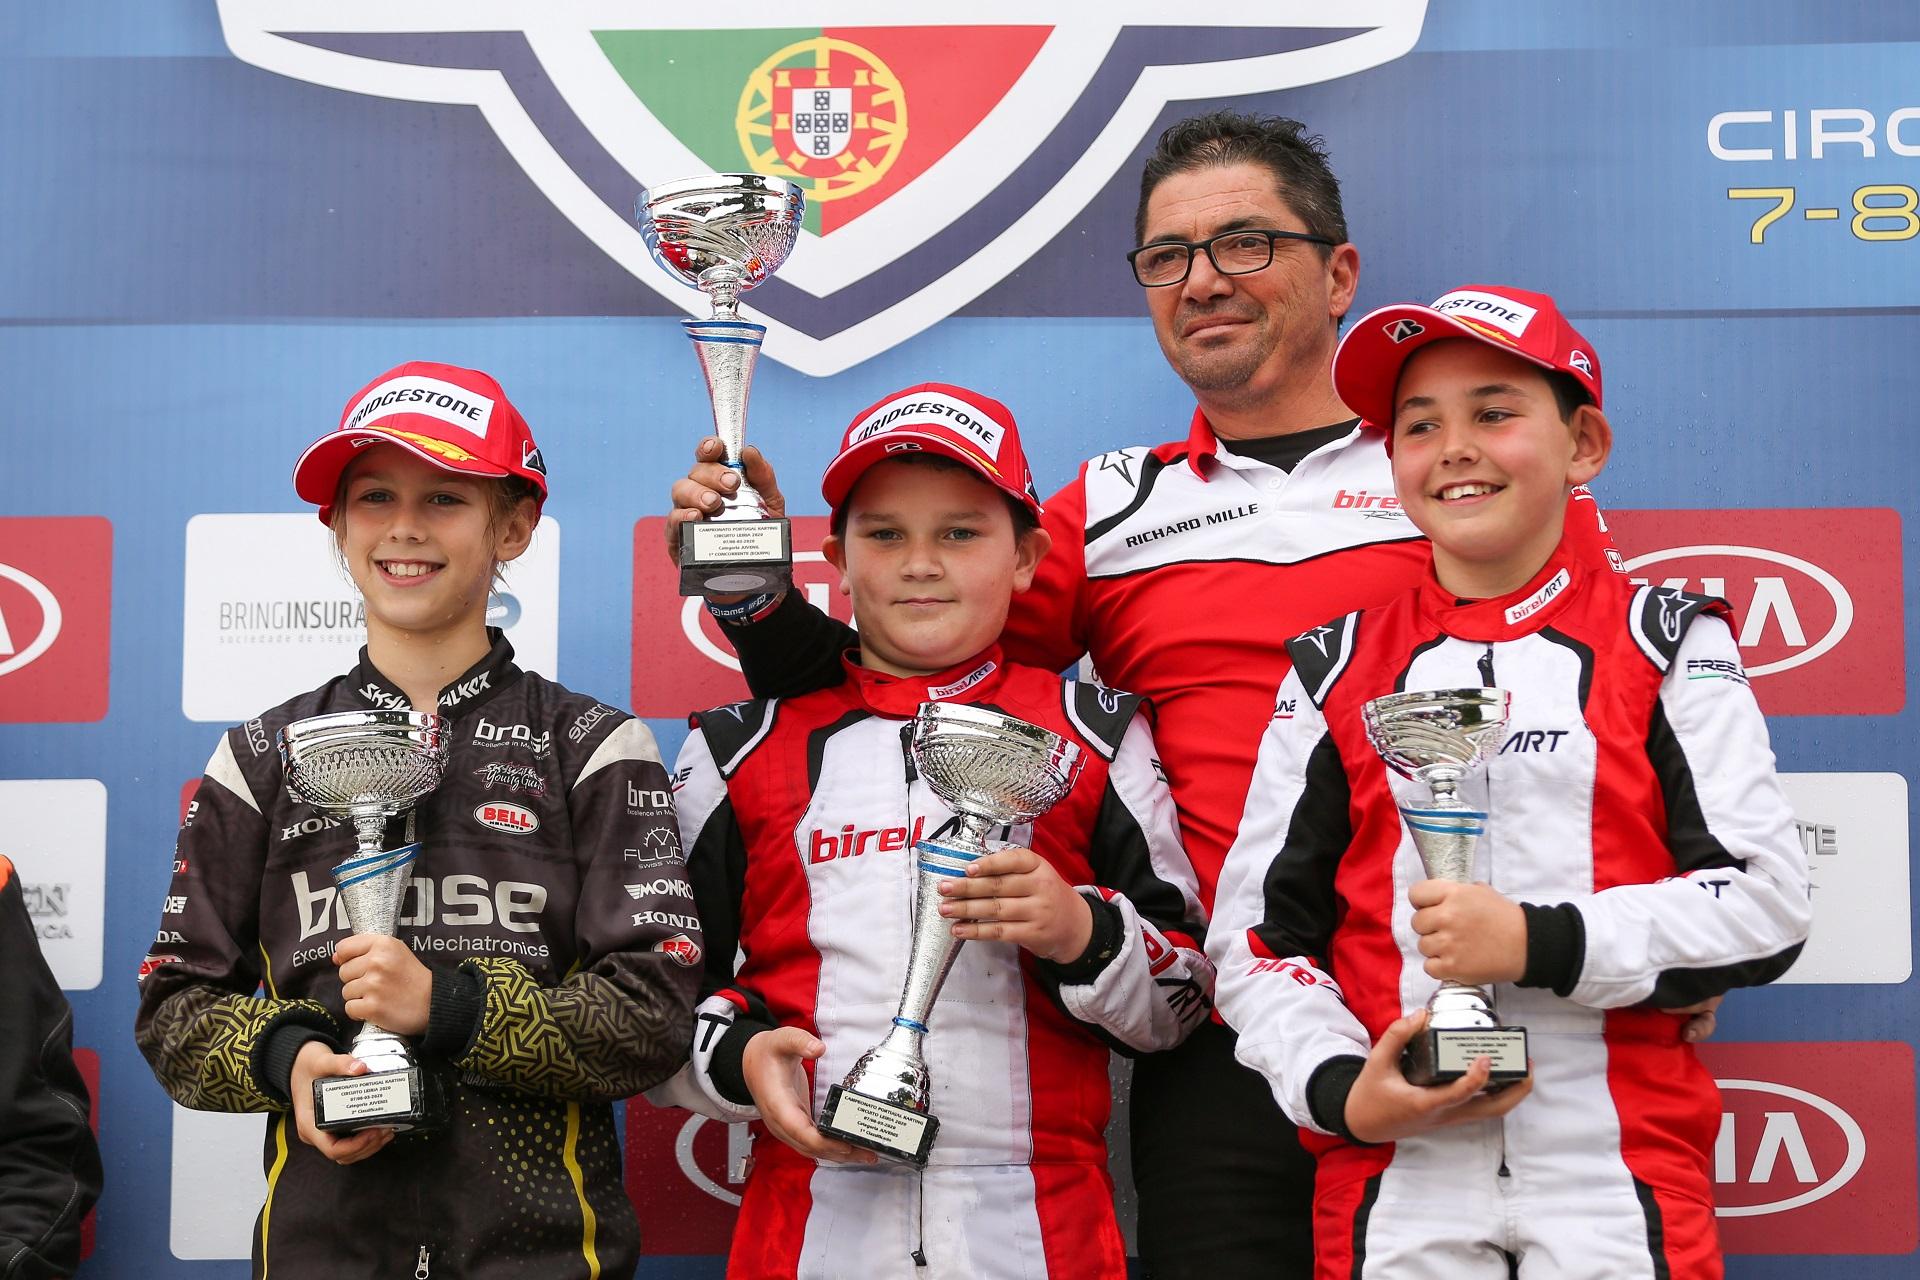 Pedro Cachada vence primeira prova do Campeonato de Portugal de Karting Juvenil